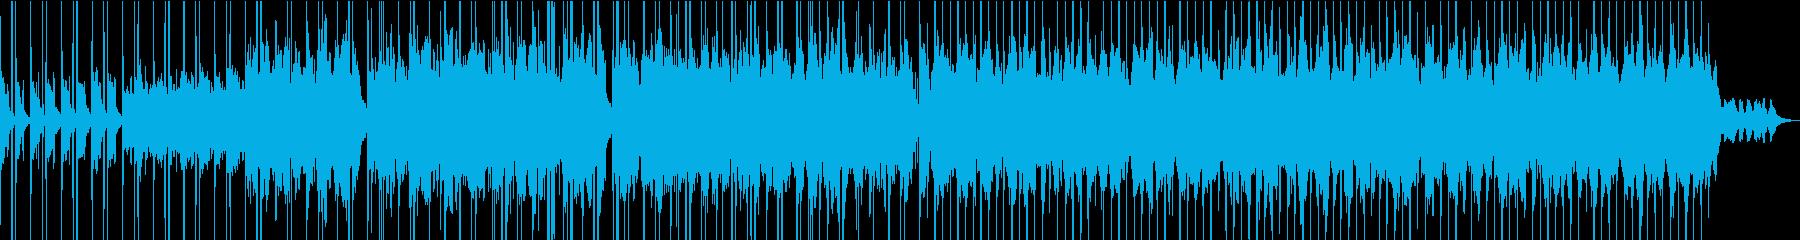 ミドルテンポのエレクトロニカ曲の再生済みの波形